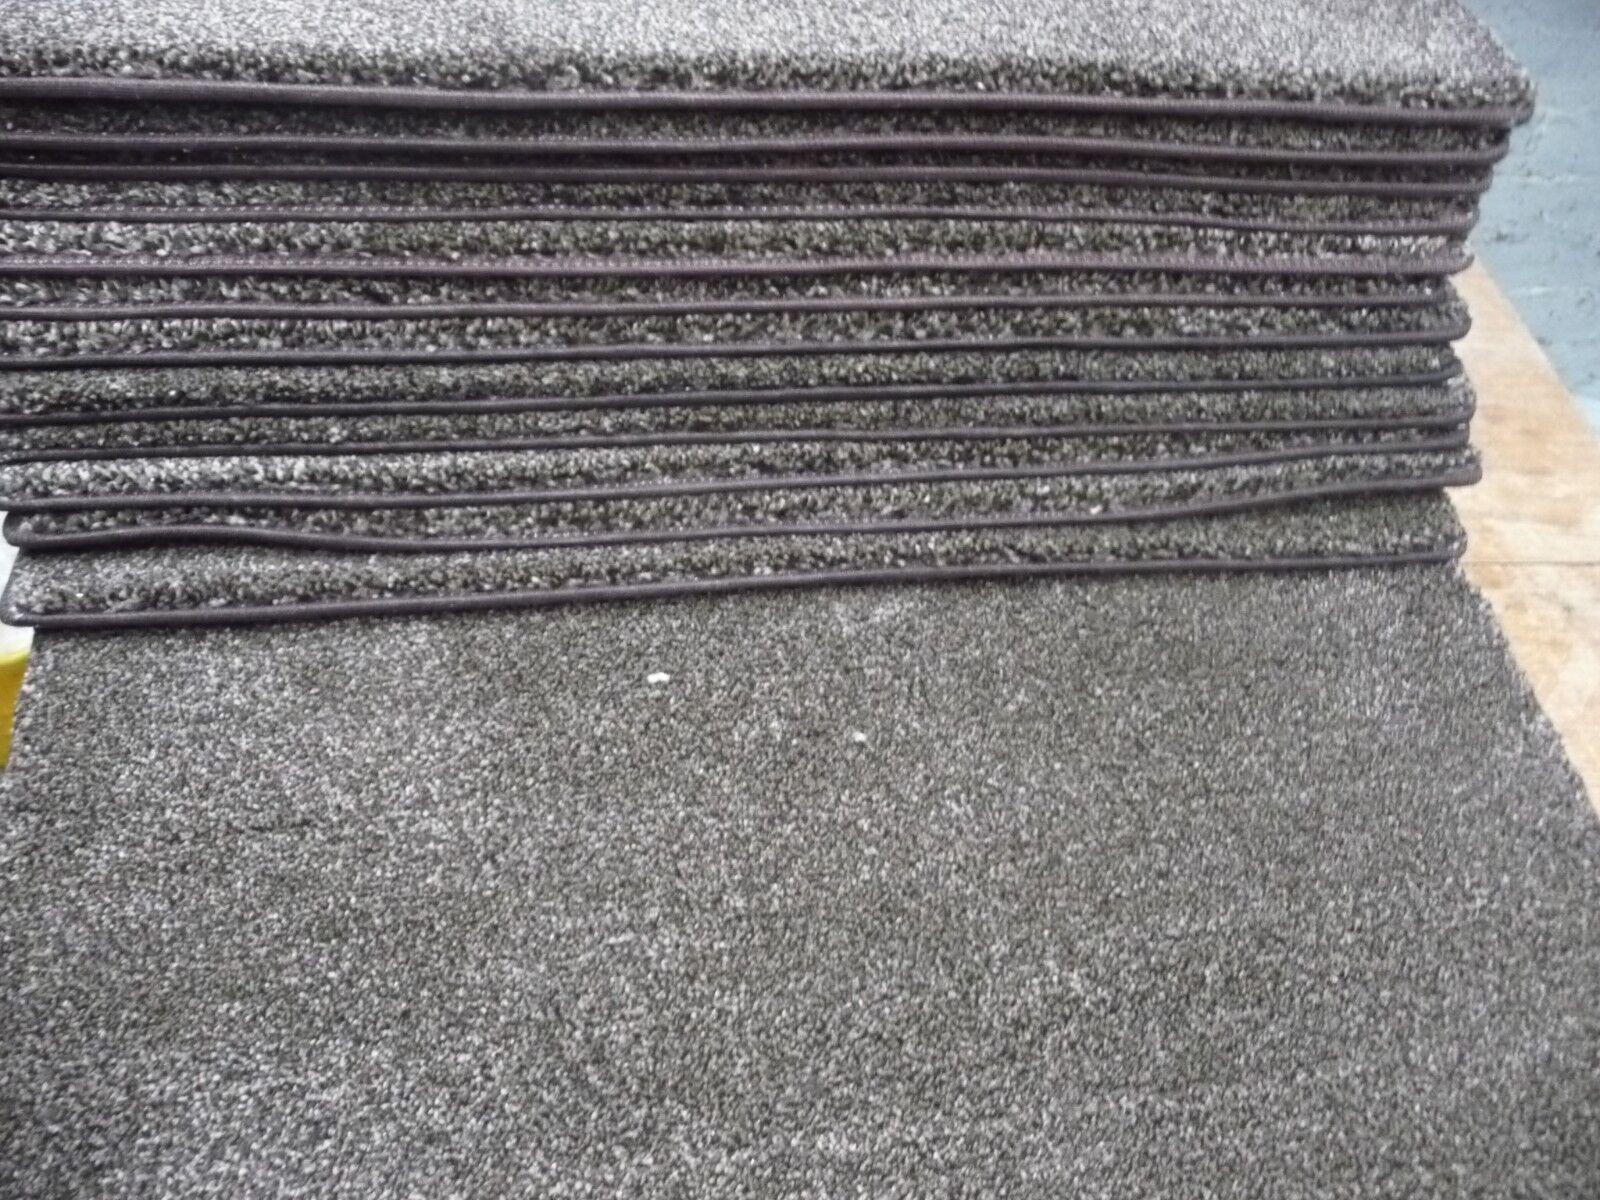 27 x 8.50 pollici (69 x 22 cm) Marronee Fleck pedate delle scale  candeggina puliti   5000